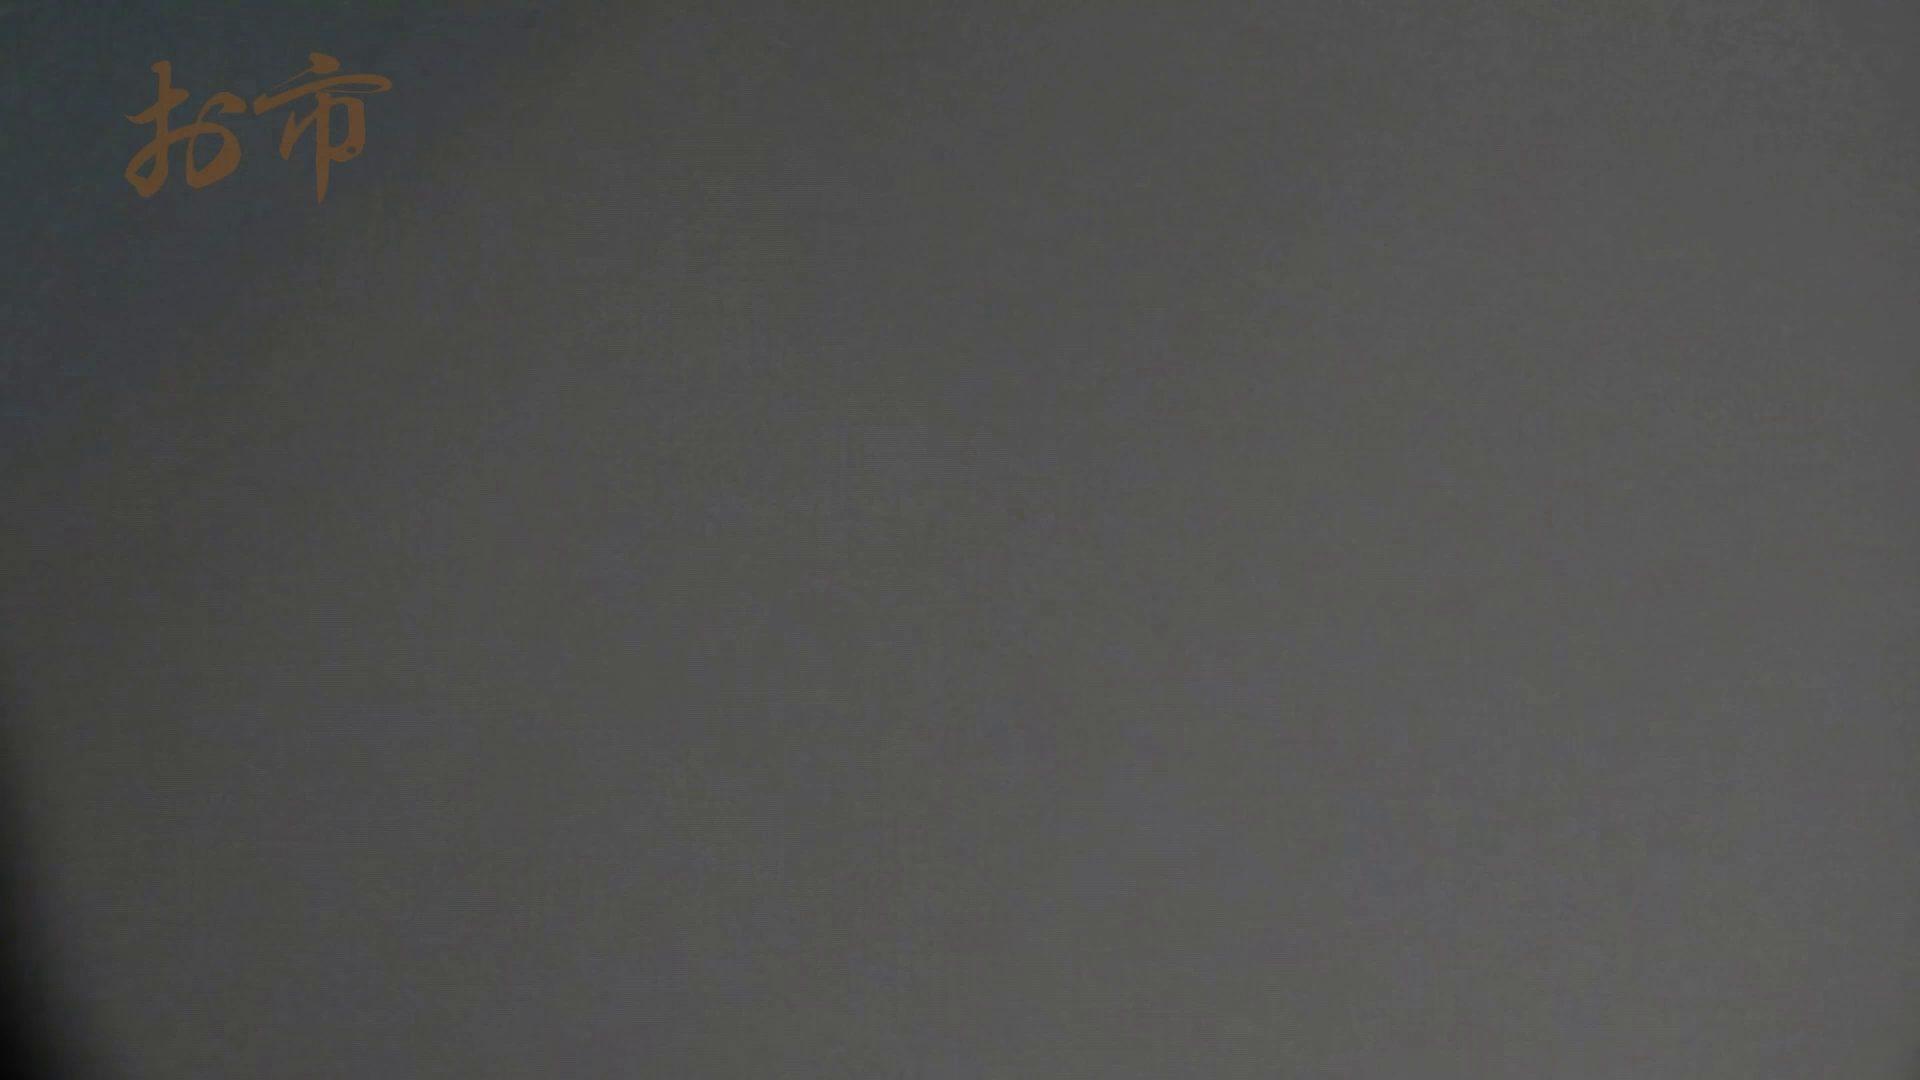 潜入!!台湾名門女学院 Vol.12 長身モデル驚き見たことないシチュエーション 美女のボディ オマンコ無修正動画無料 89PIX 83